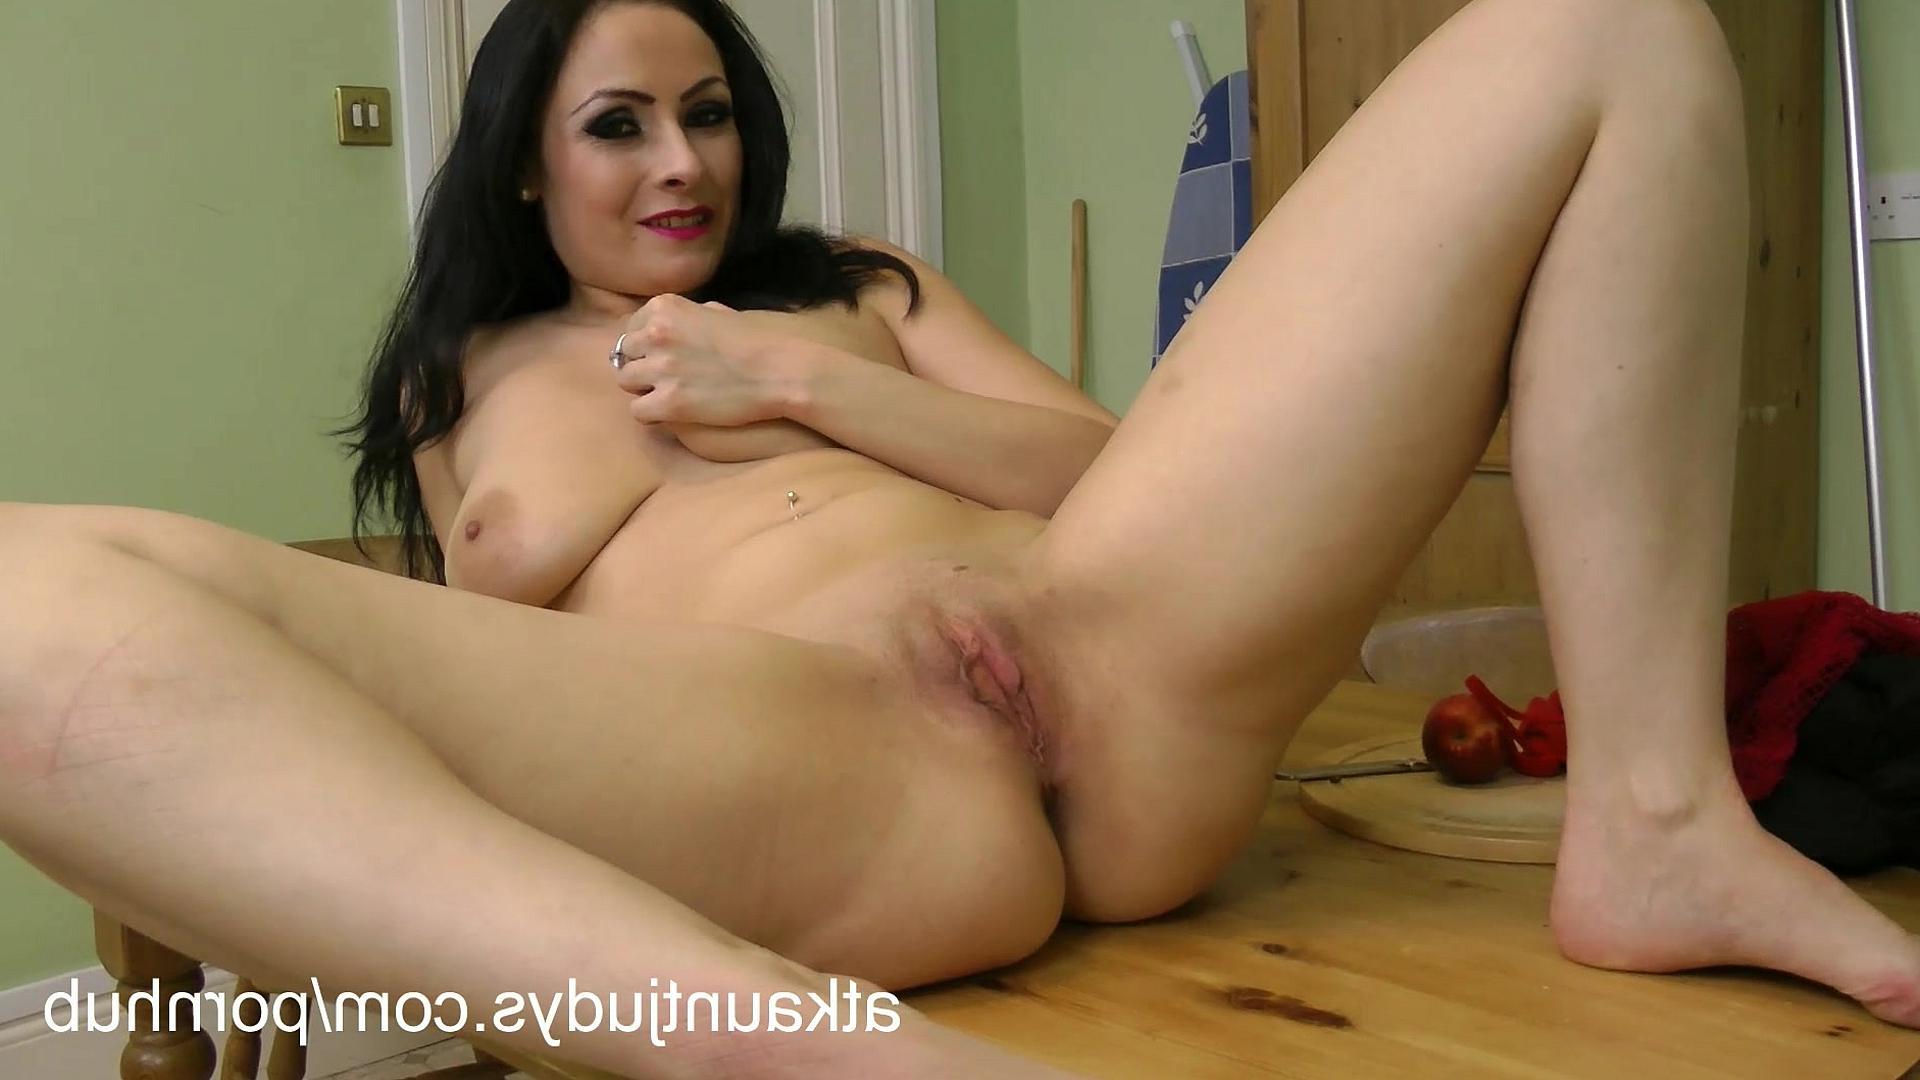 Порно онлайн смотреть бесплатно зрелая дама фото 330-78